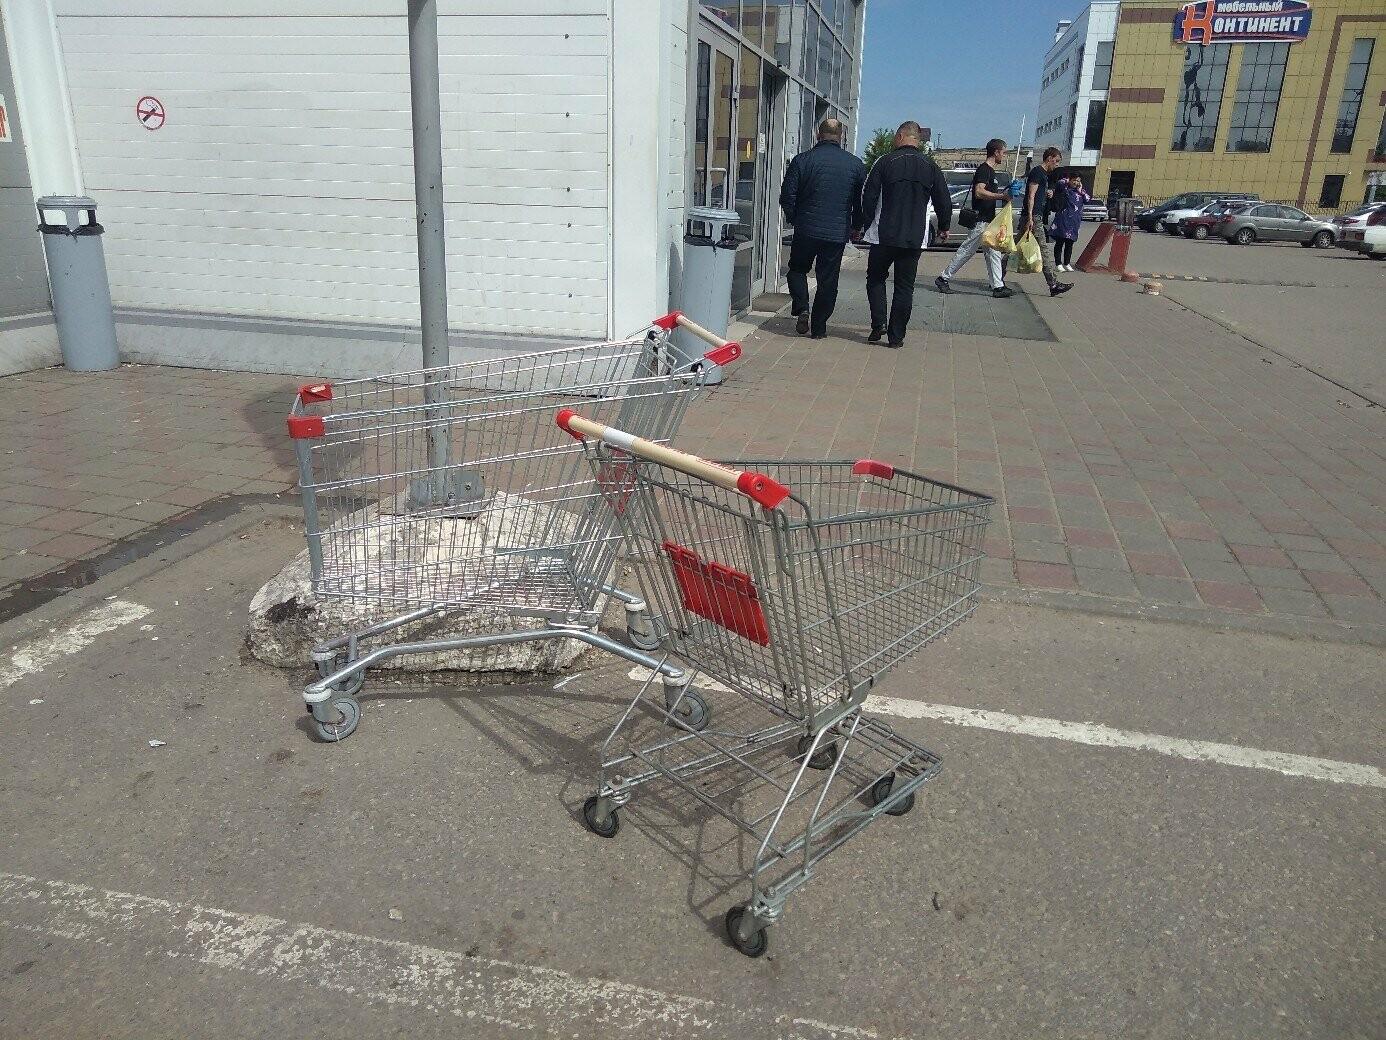 Тамбовские магазины переходят на летний режим работы, фото-1